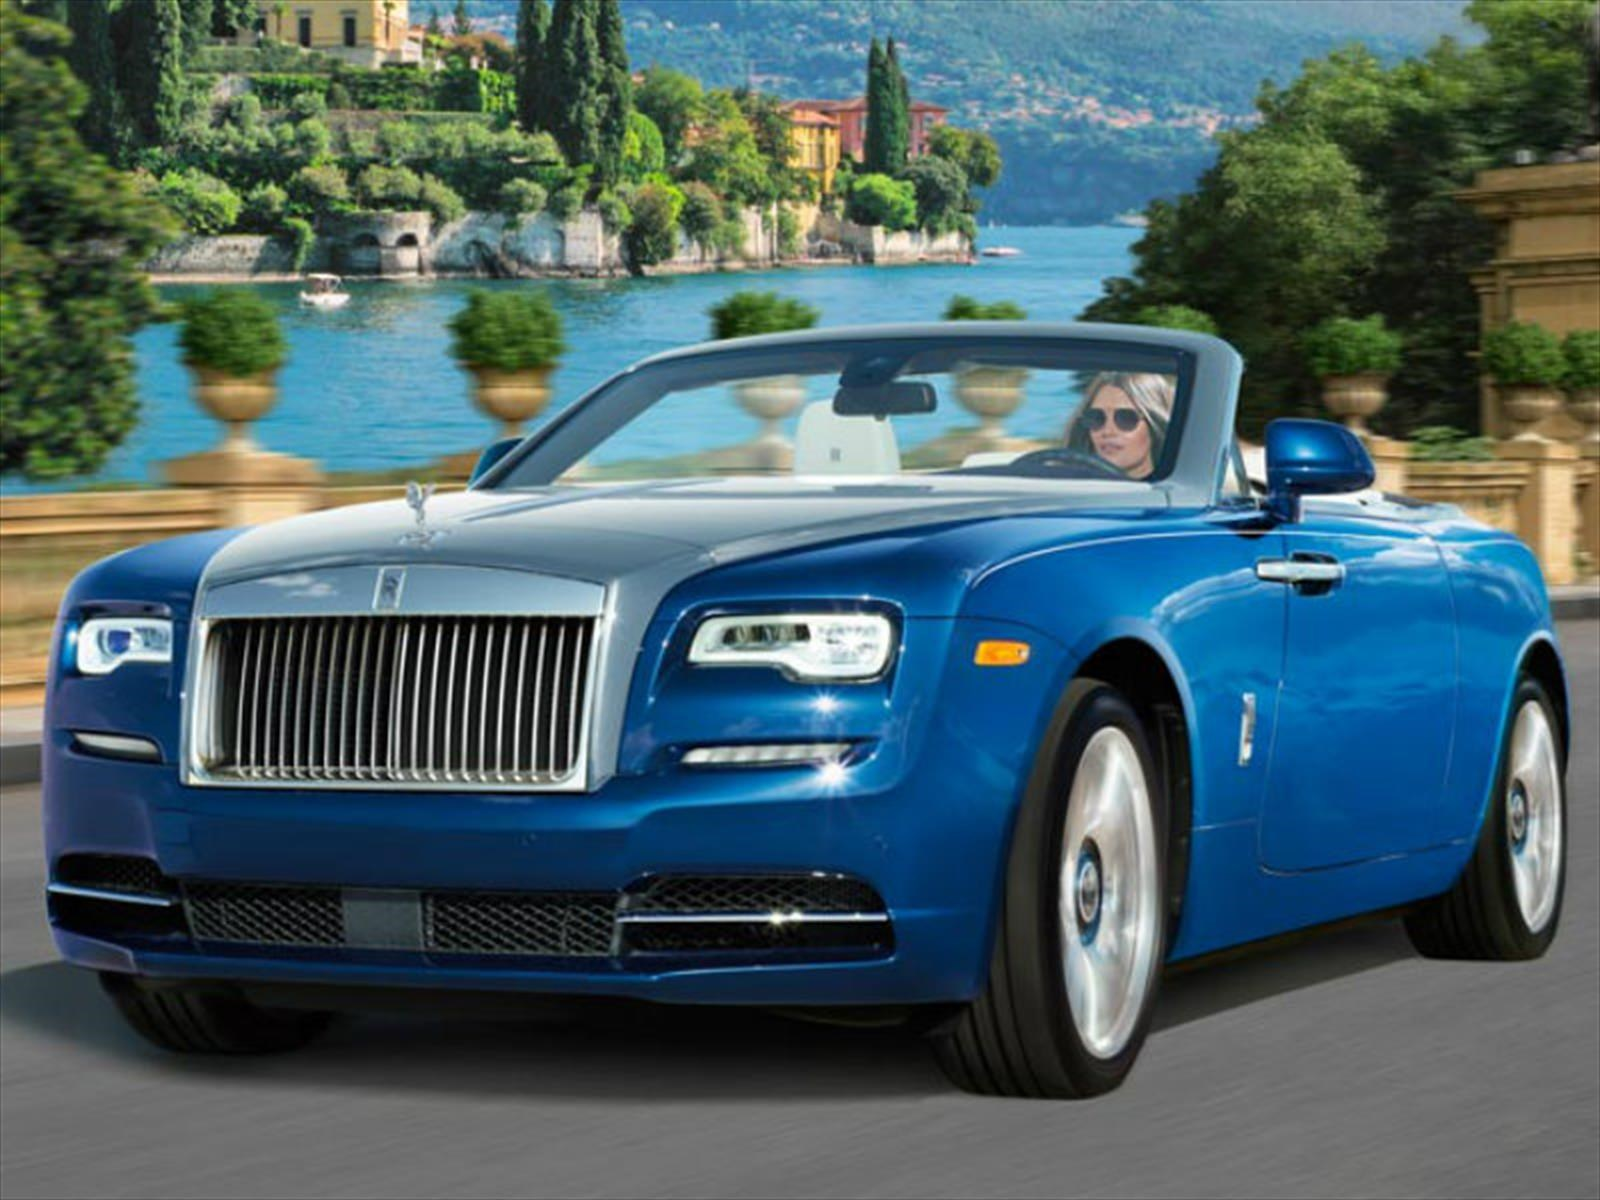 Rolls-Royce Dawn Neiman Marcus Edition, sólo serán 20 unidades